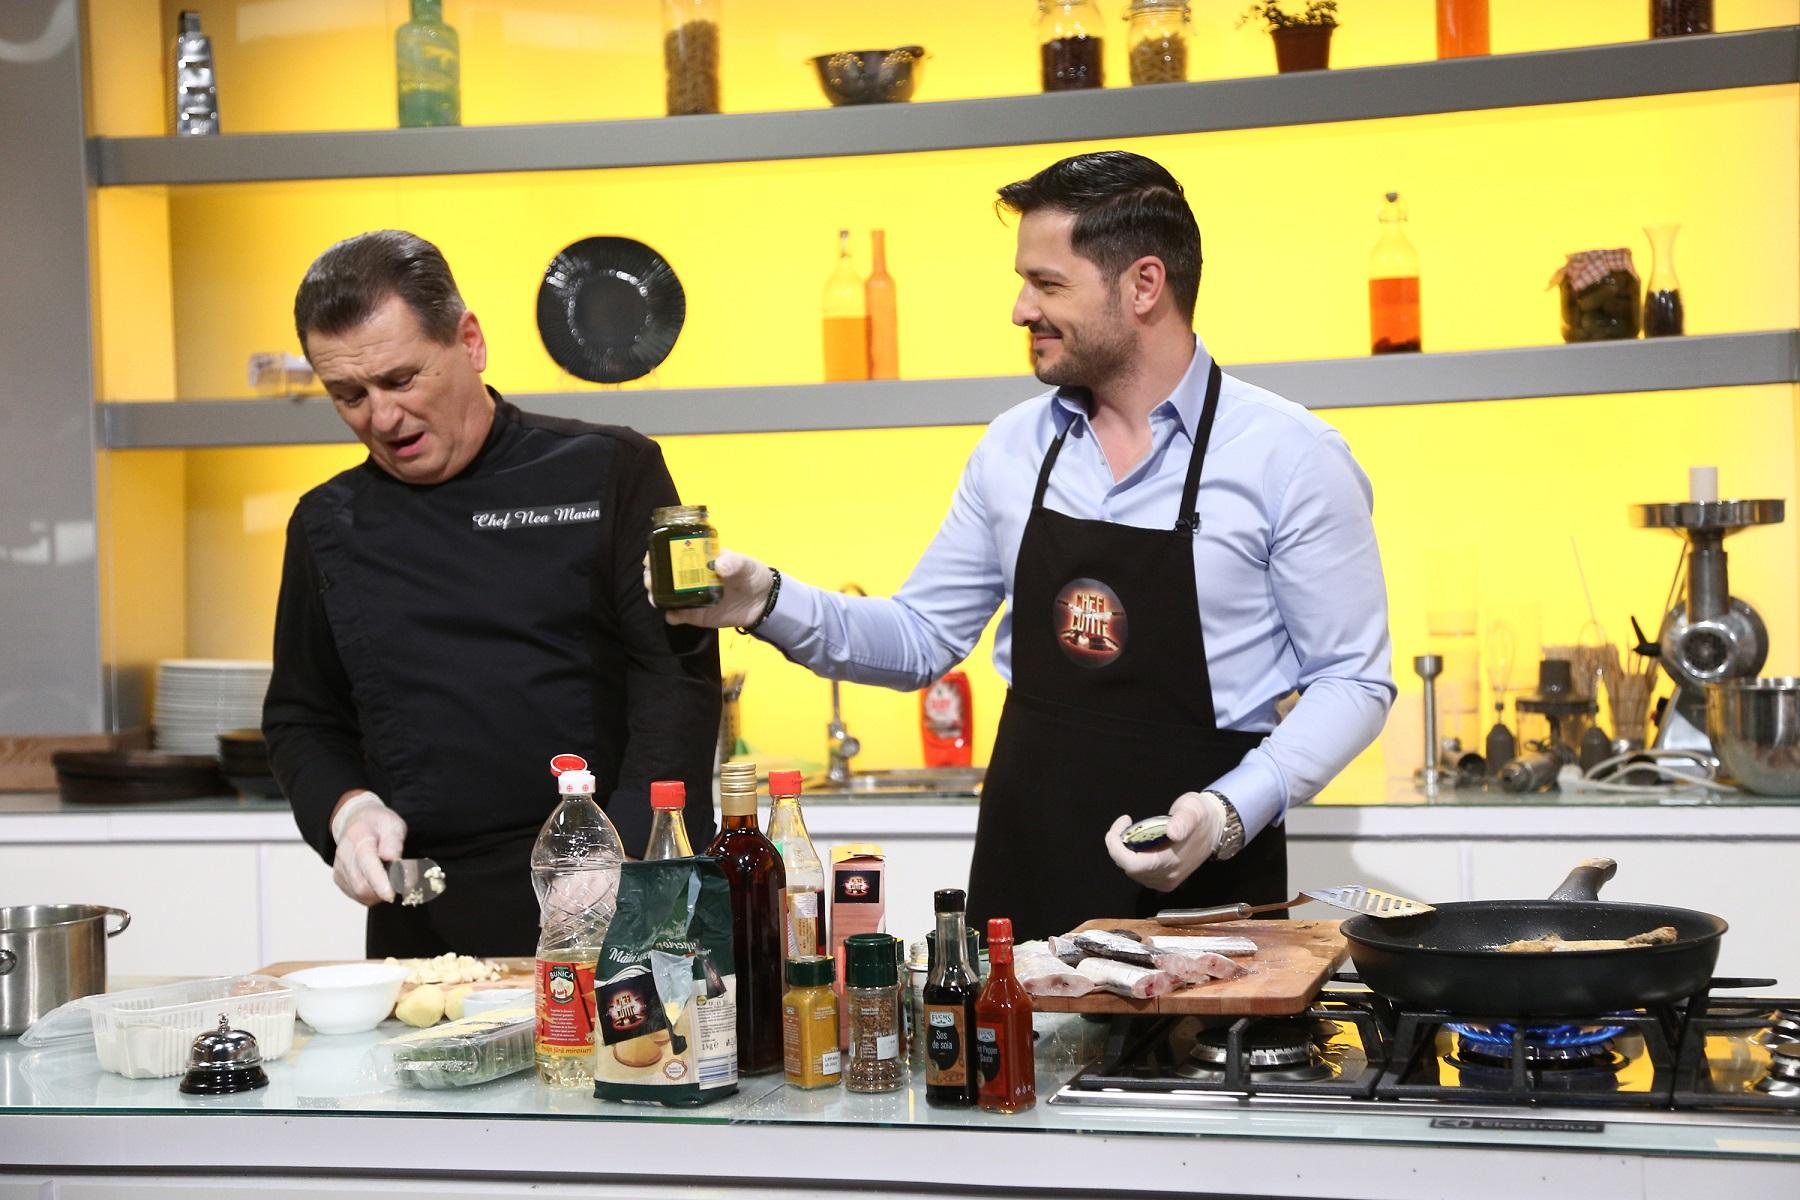 Chefi la cuțite, lider de audiență luni seara. Liviu Vârciu şi Nea Mărin, spectacol total în bucătăria Chefi la cuţite